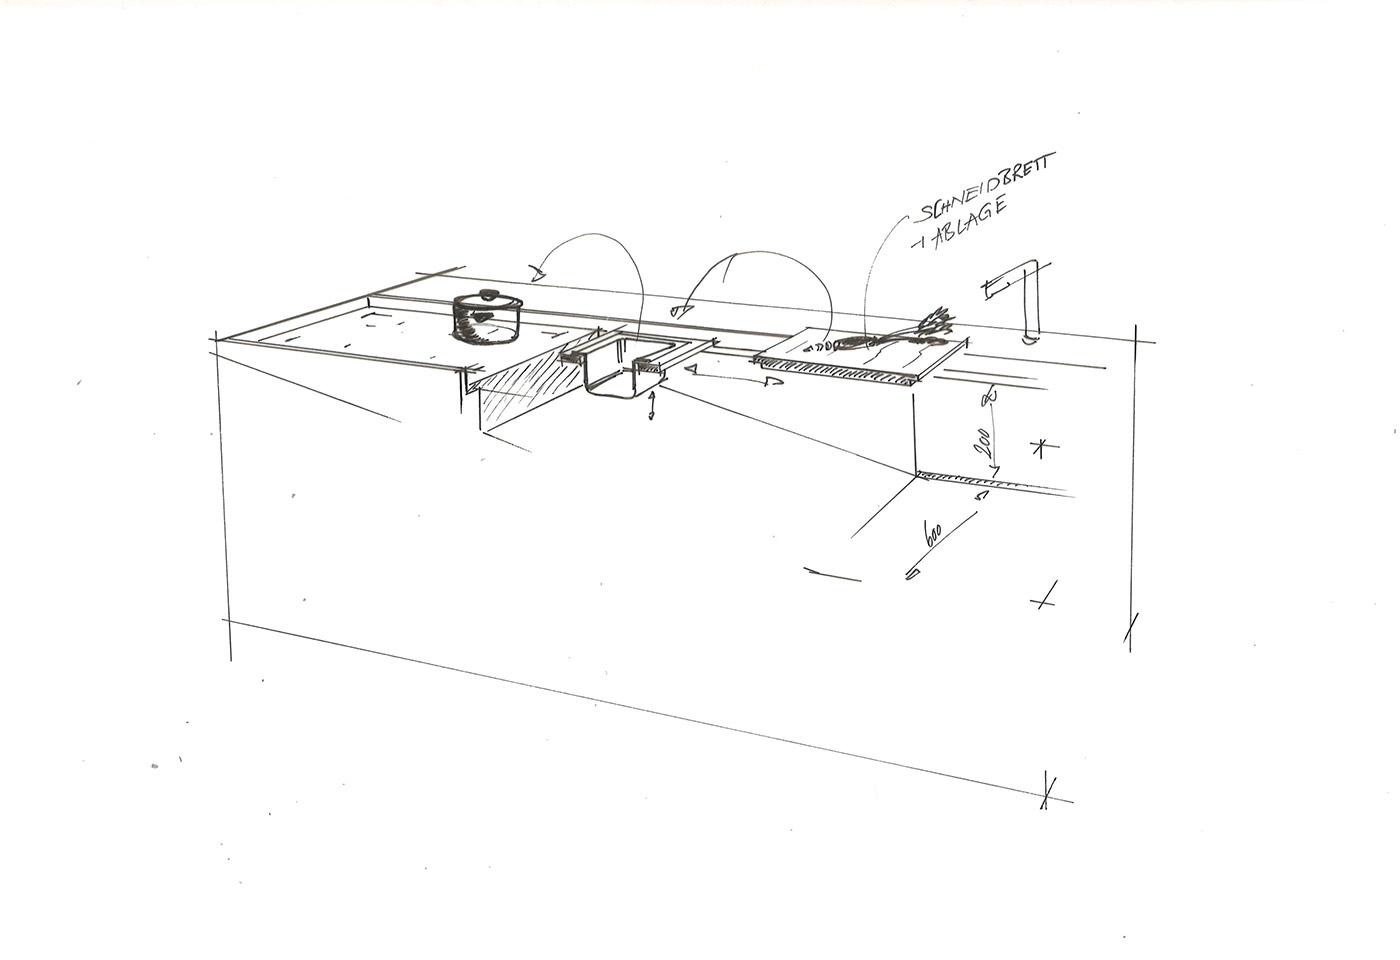 Skizze einer Küchenzeile zur Kü-chenplanung einer Orea T Koch-insel mit unterschiedlichen Fea-tures.